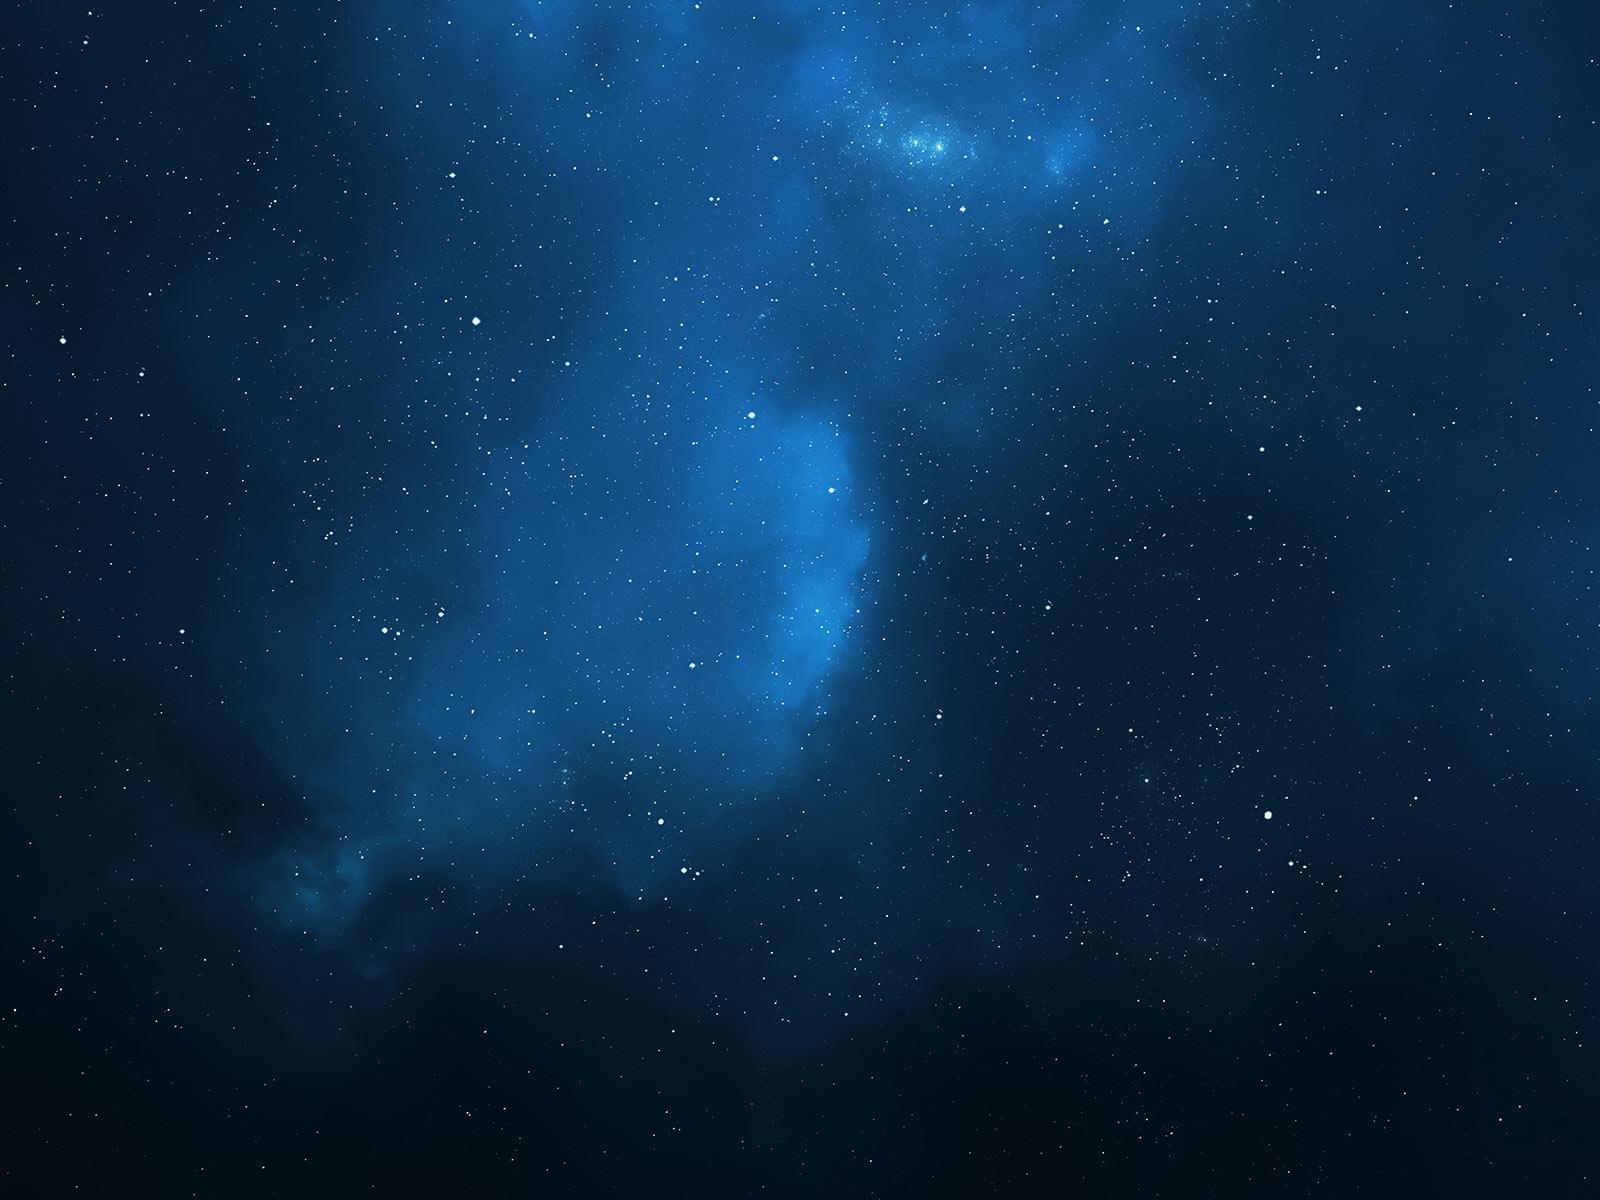 Fondo en galaxia